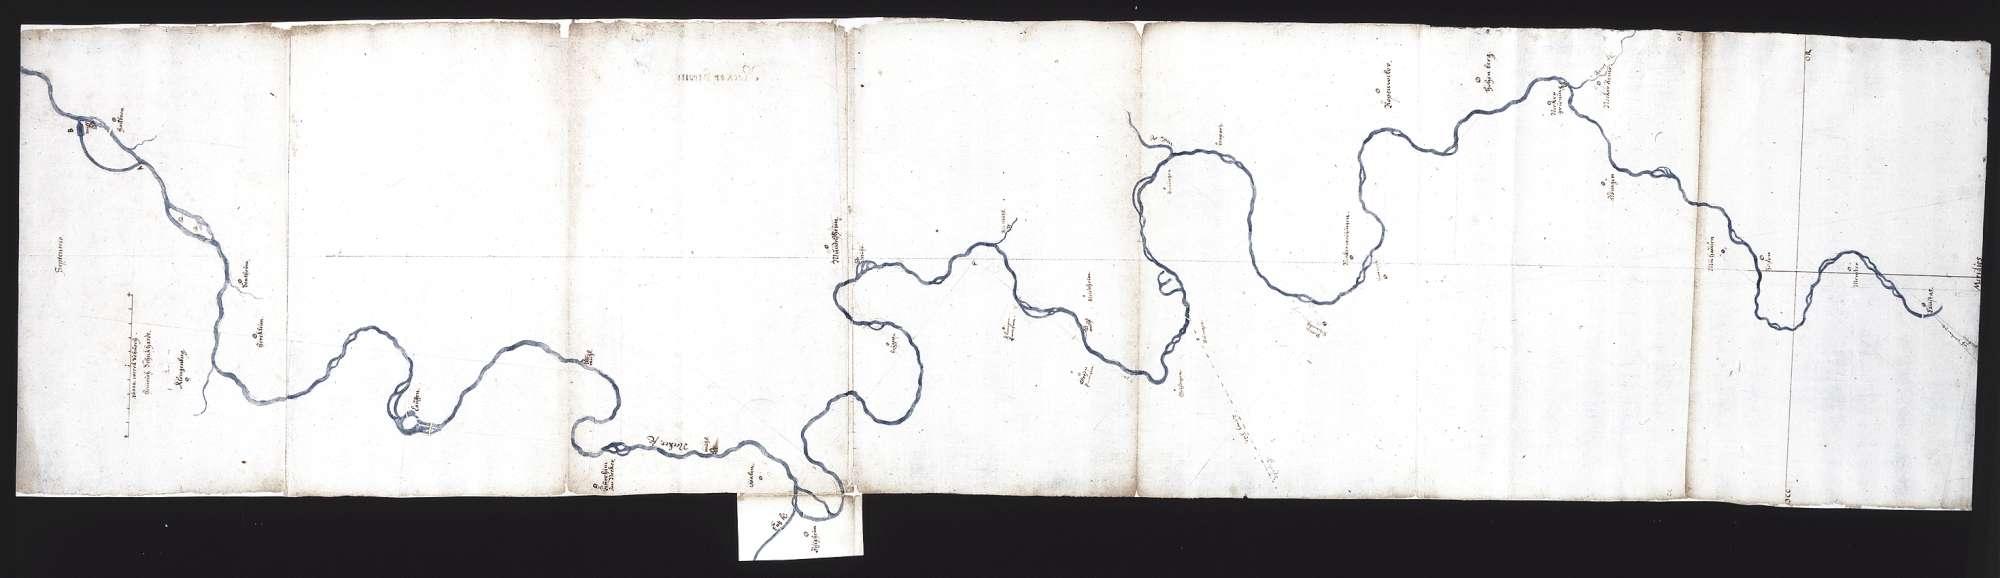 Schiffbarmachung des Neckars, Bild 1